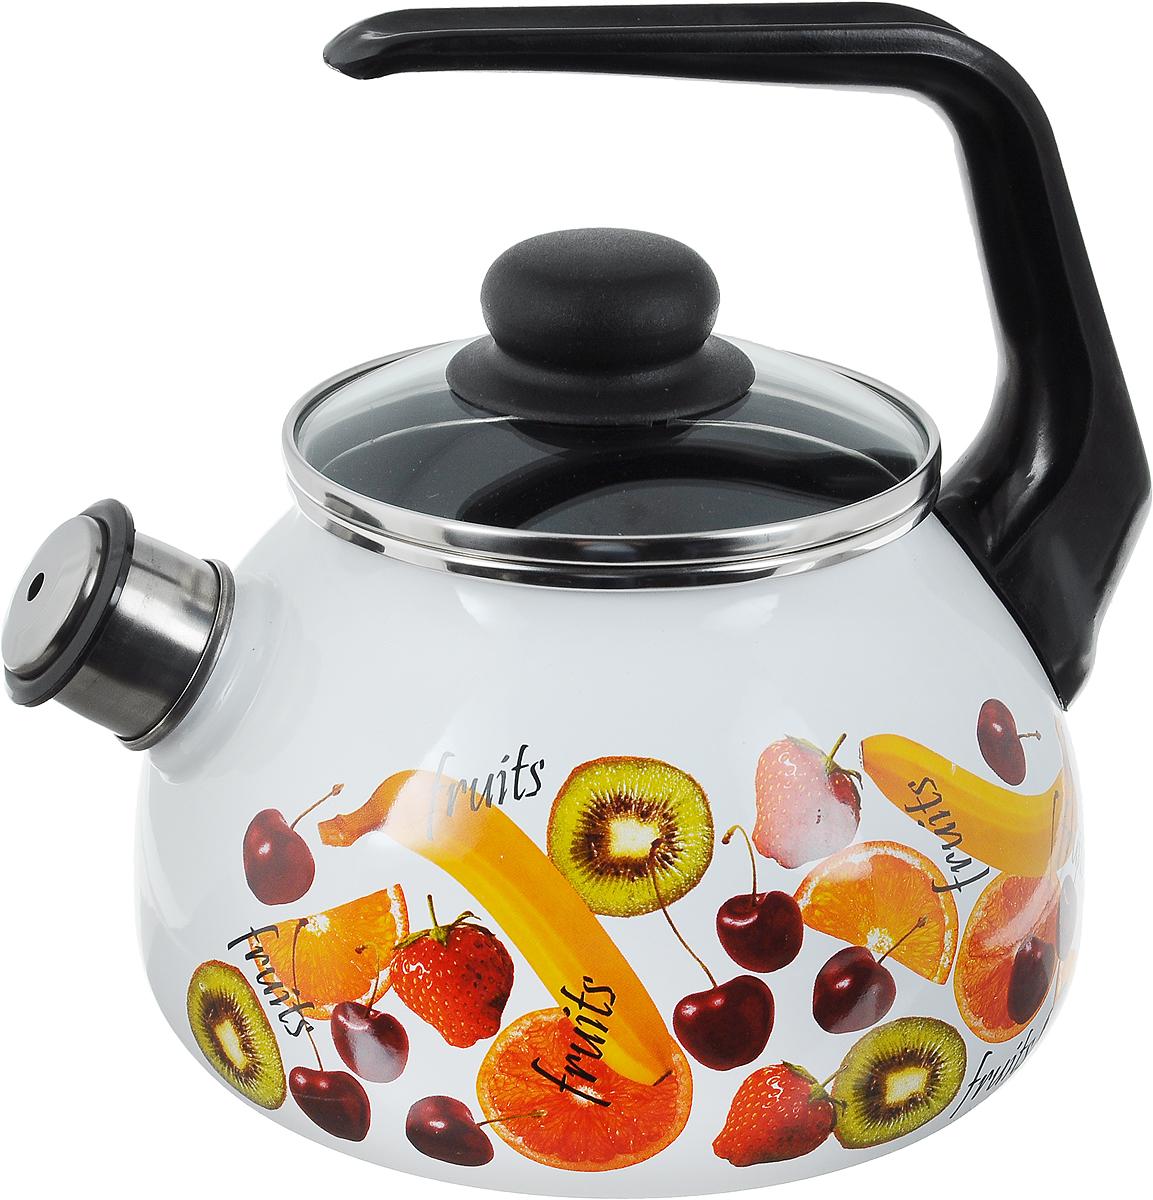 Чайник эмалированный Vitross Fruits, со свистком, 2 лCM000001328Чайник Vitross Fruits выполнен из высококачественной стали, что обеспечивает долговечность использования. Внешнее цветное эмалевое покрытие придает приятный внешний вид. Пластиковая фиксированная ручка делает использование чайника очень удобным и безопасным. Чайник снабжен съемным свистком.Можно мыть в посудомоечной машине. Пригоден для всех видов плит, включая индукционные.Диаметр чайника (по верхнему краю): 13 см.Высота чайника (без учета крышки и ручки): 21,5 см.Диаметр основания: 15 см.